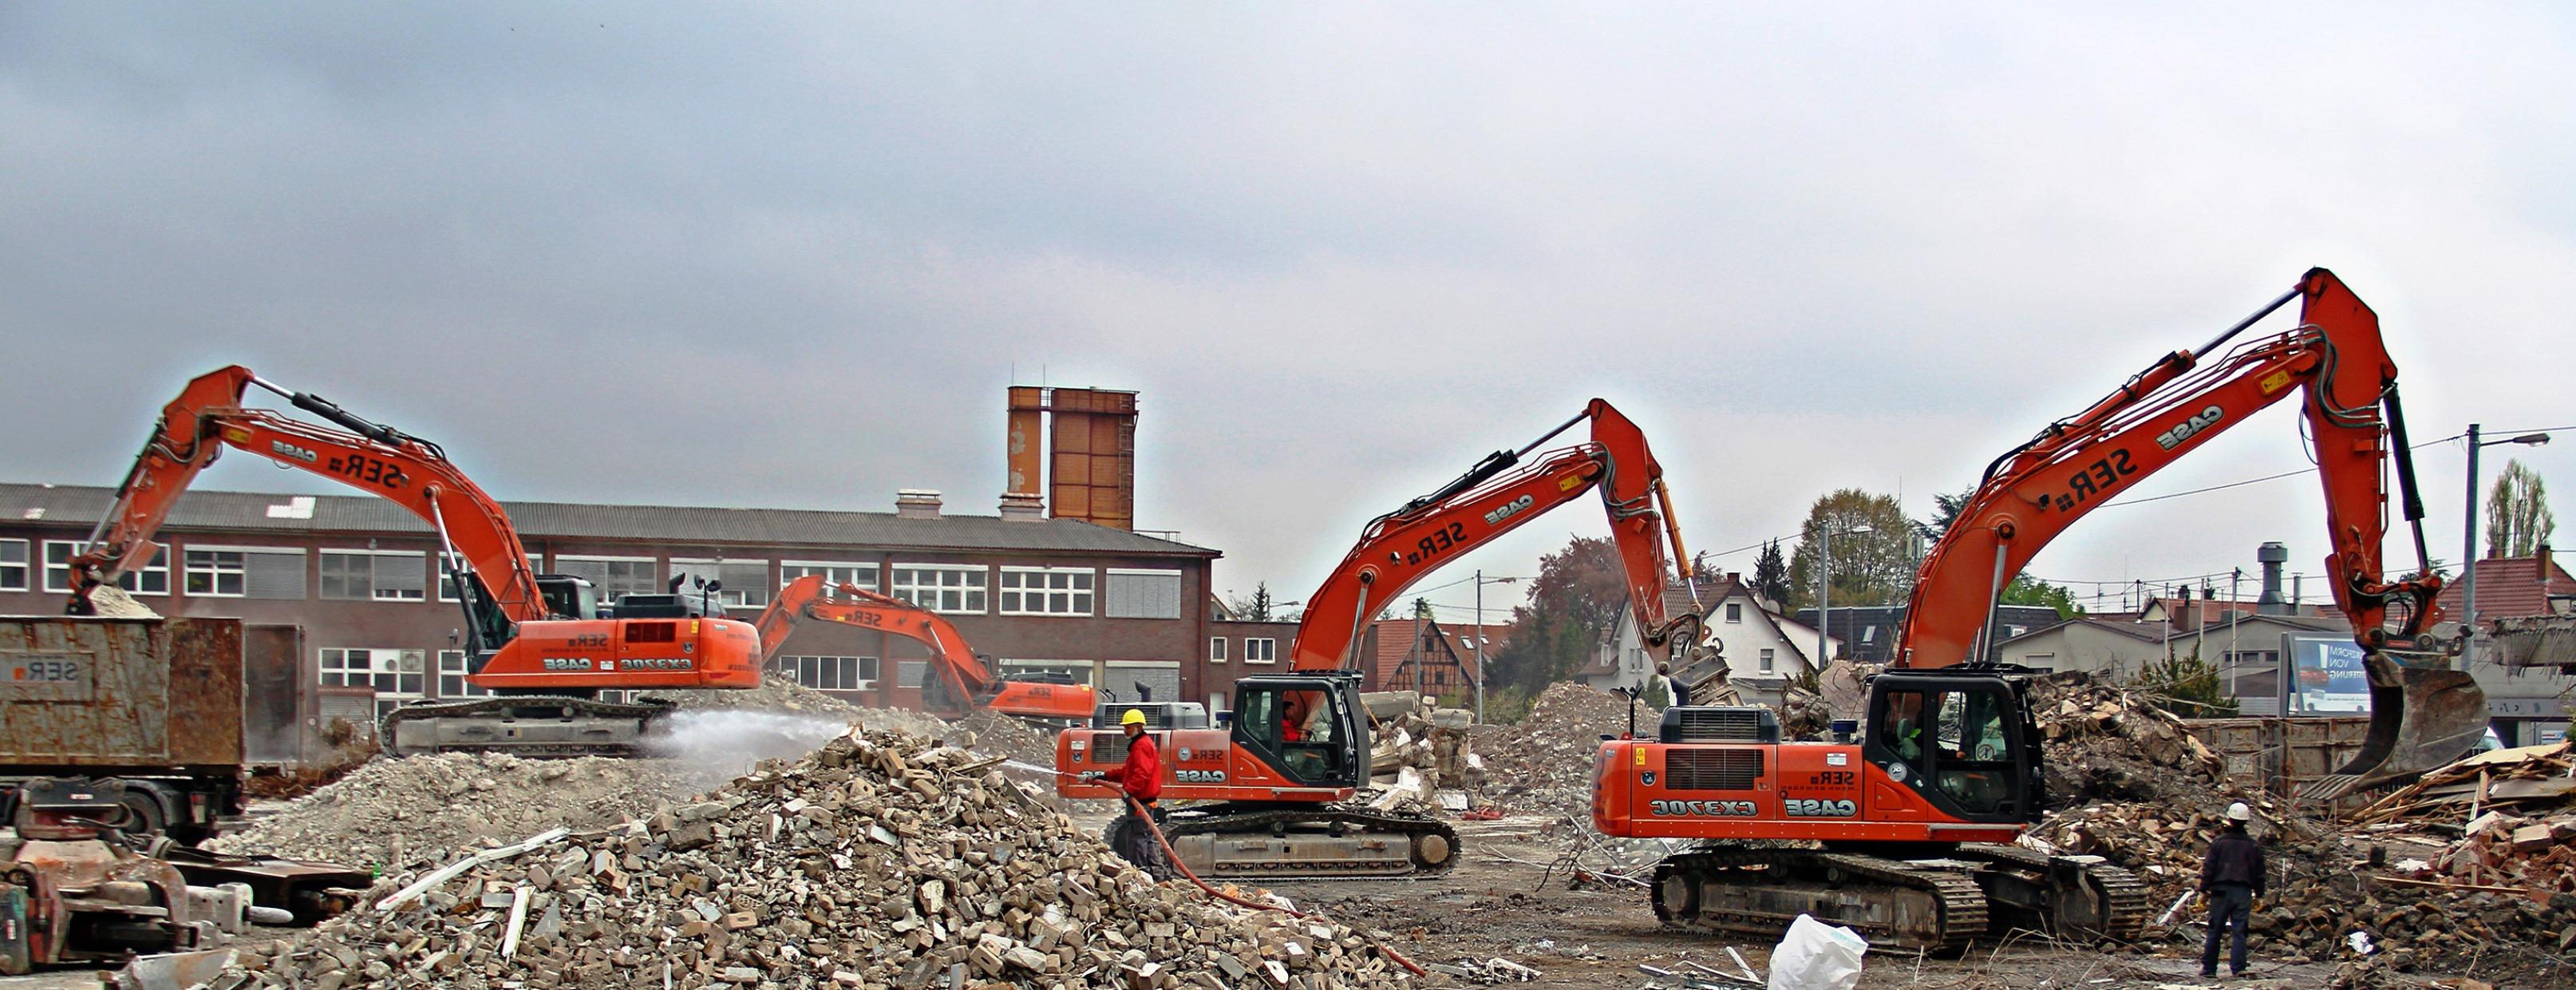 Снос зданий и строений - один из востребованных видов строительно-монтажных работ. В чем их специфика и почему такую работу следует доверять профессионалам